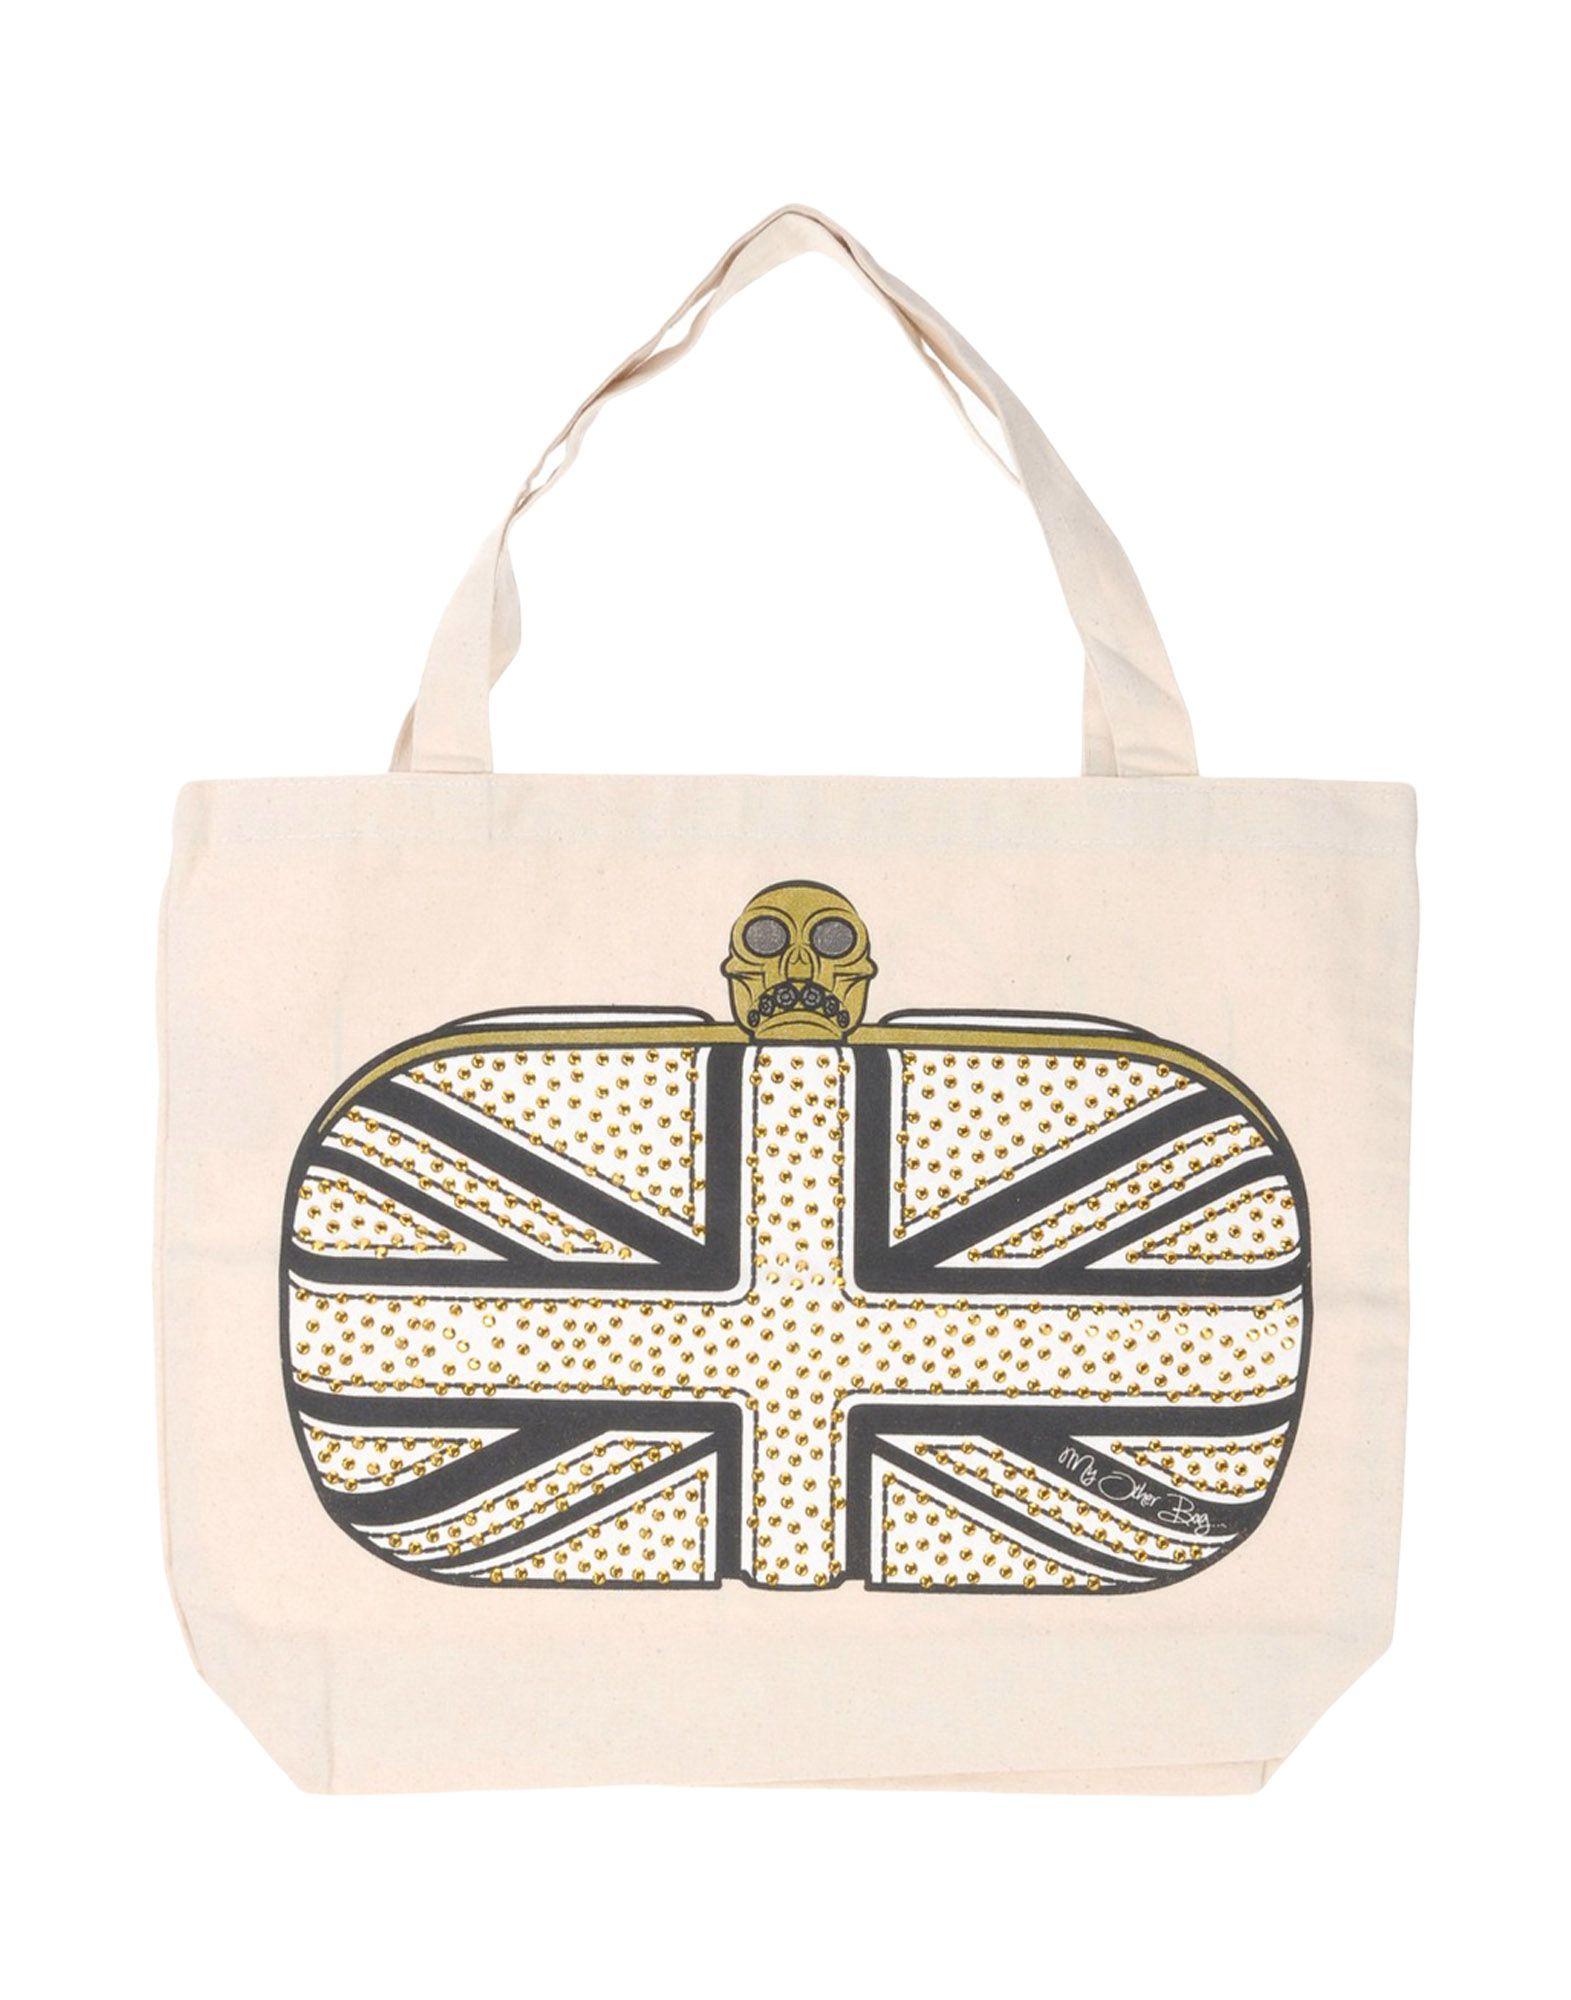 MY OTHER BAG. Handbags